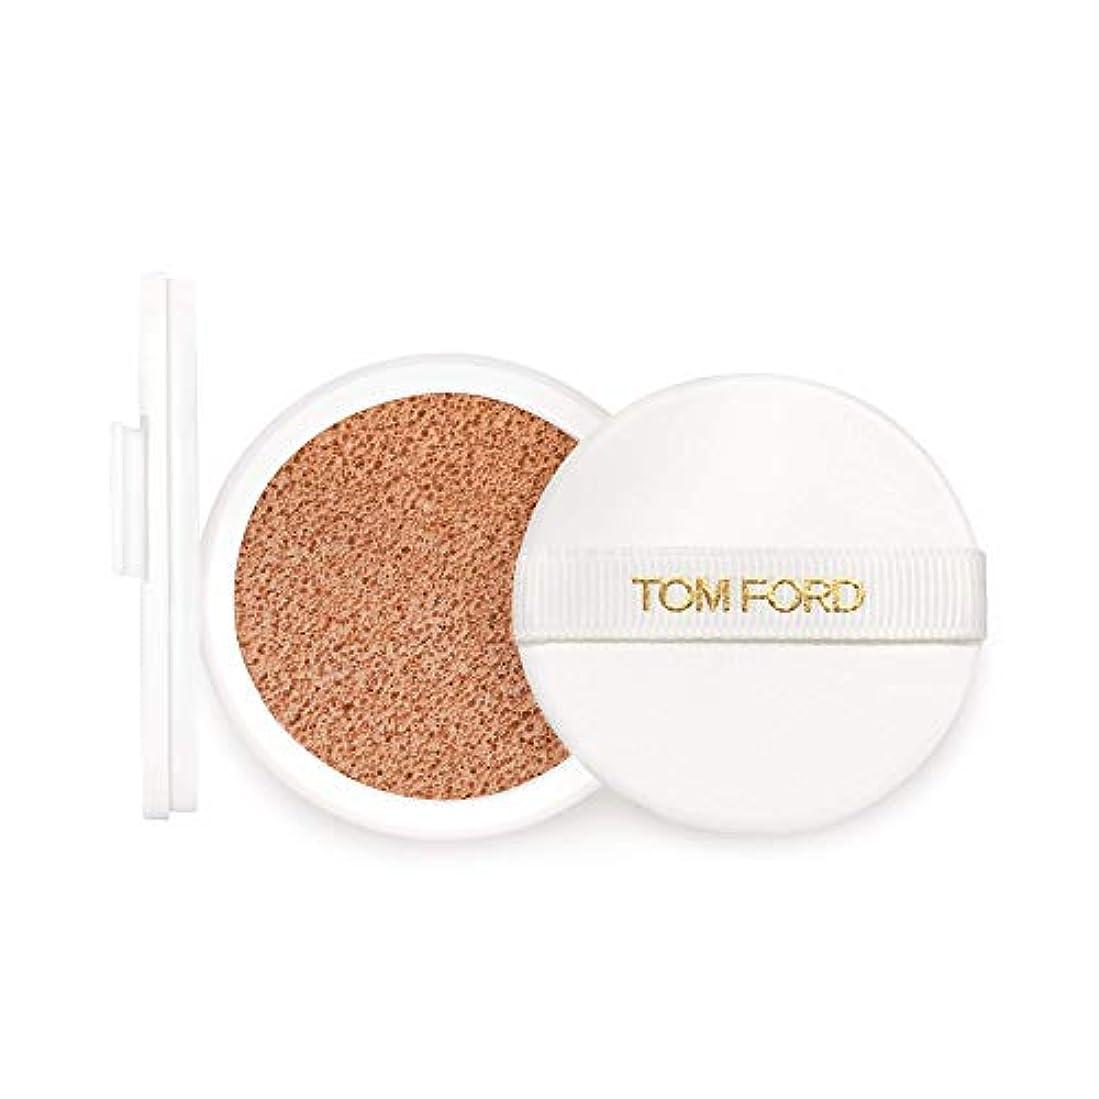 チャップパイ原因TOM FORD BEAUTY(トム フォード ビューティ) ソレイユ グロウ トーン アップ ファンデーション SPF40 ハイドレーティング クッション コンパクト 12g (1 ローズ グロウ トーン アップ)